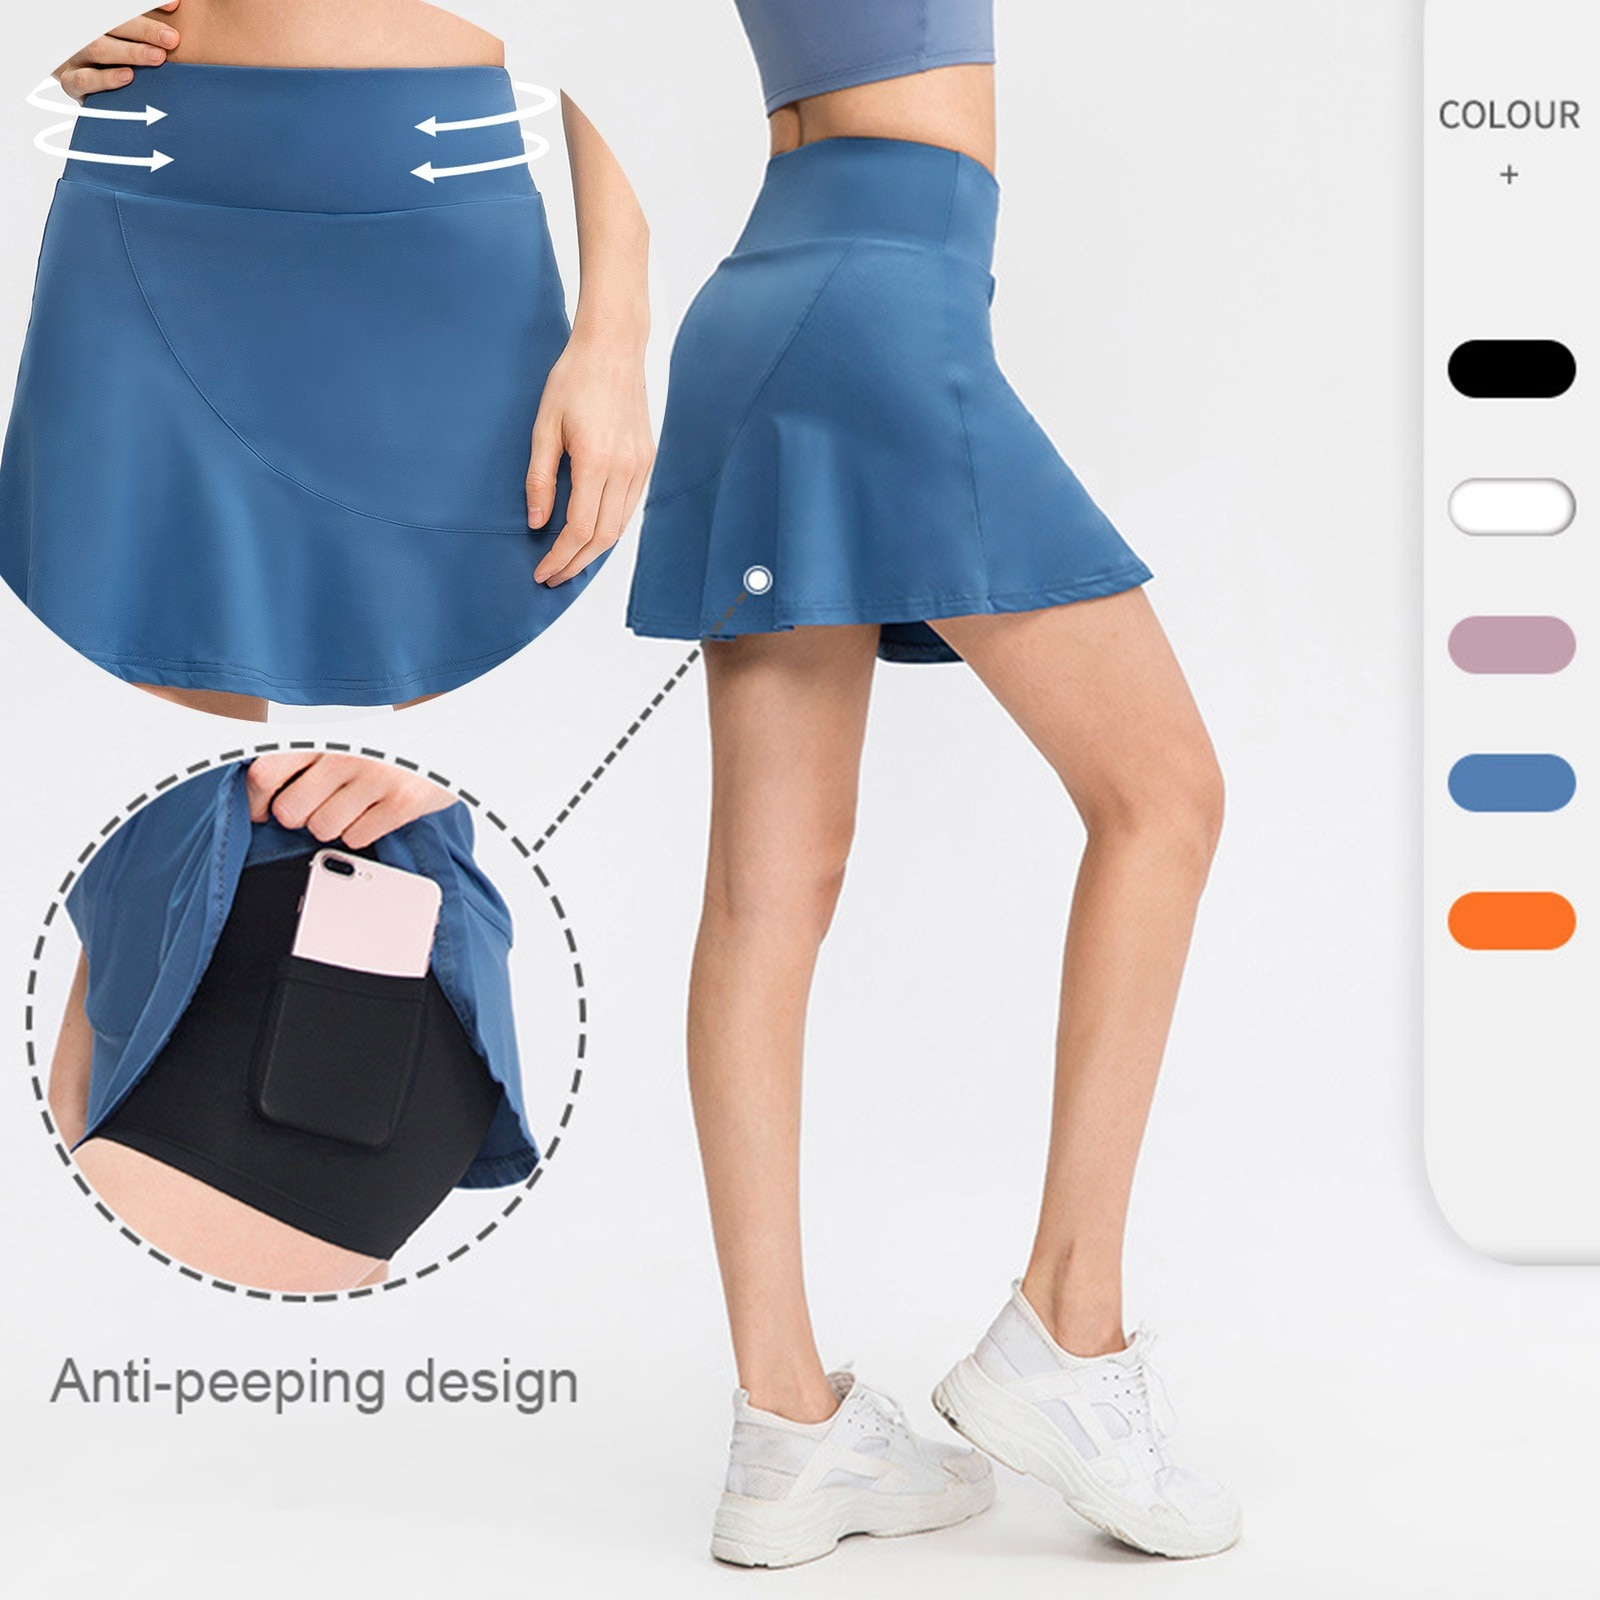 Pantalones de Yoga holgados de dos piezas para mujer, mallas deportivas de...